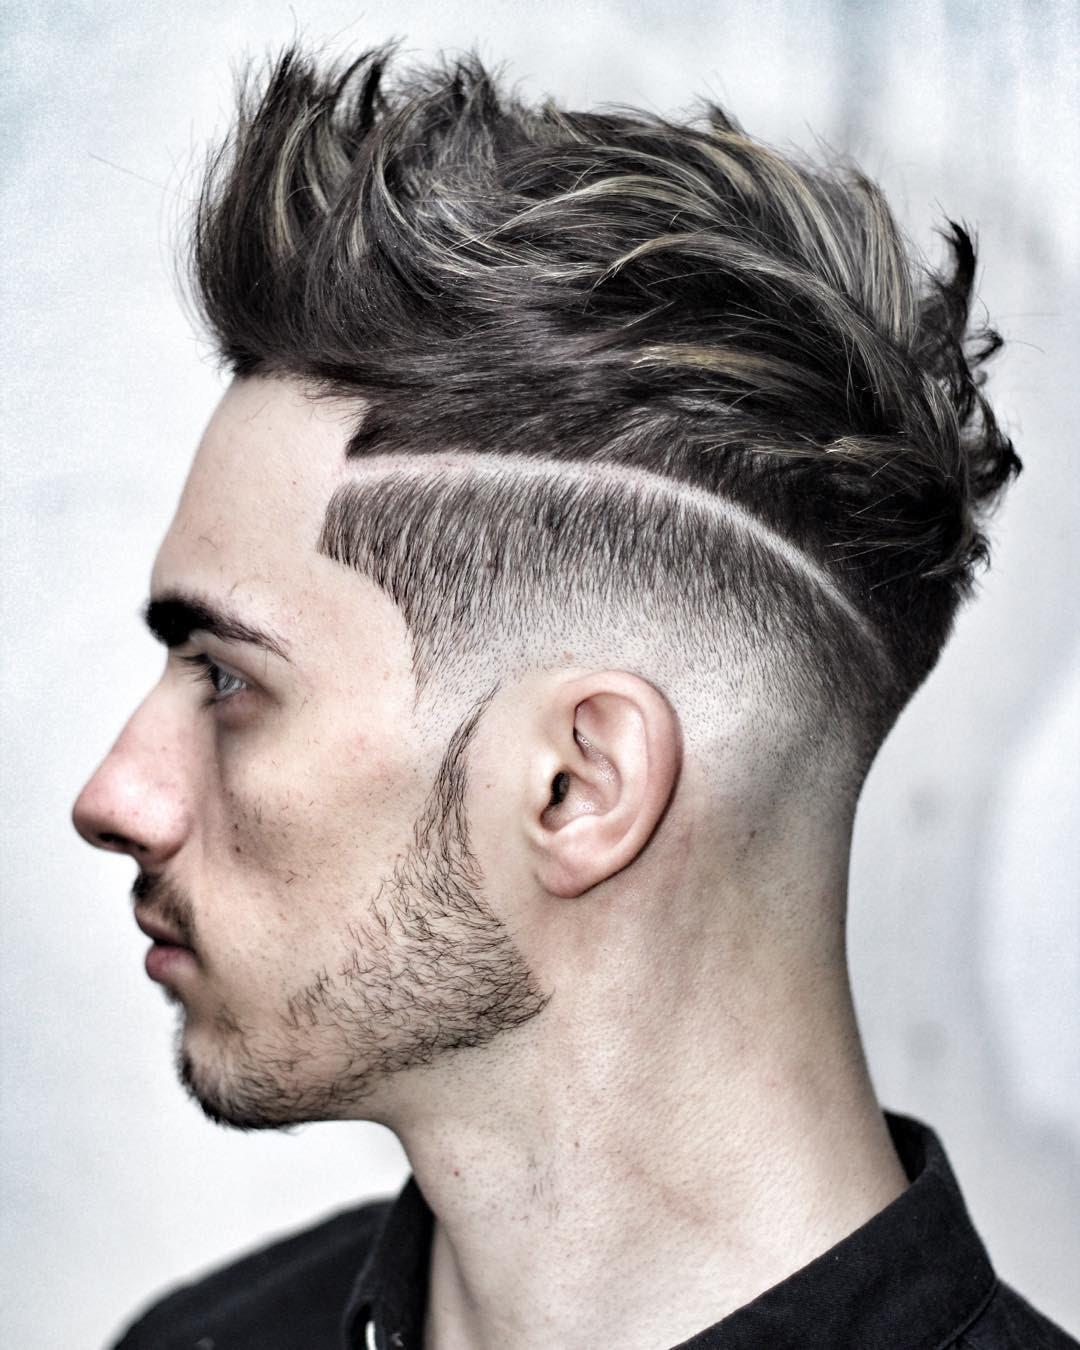 بالصور قصات شعر للرجال , اخر صيحات الموضة لشعر الذكور 1395 5